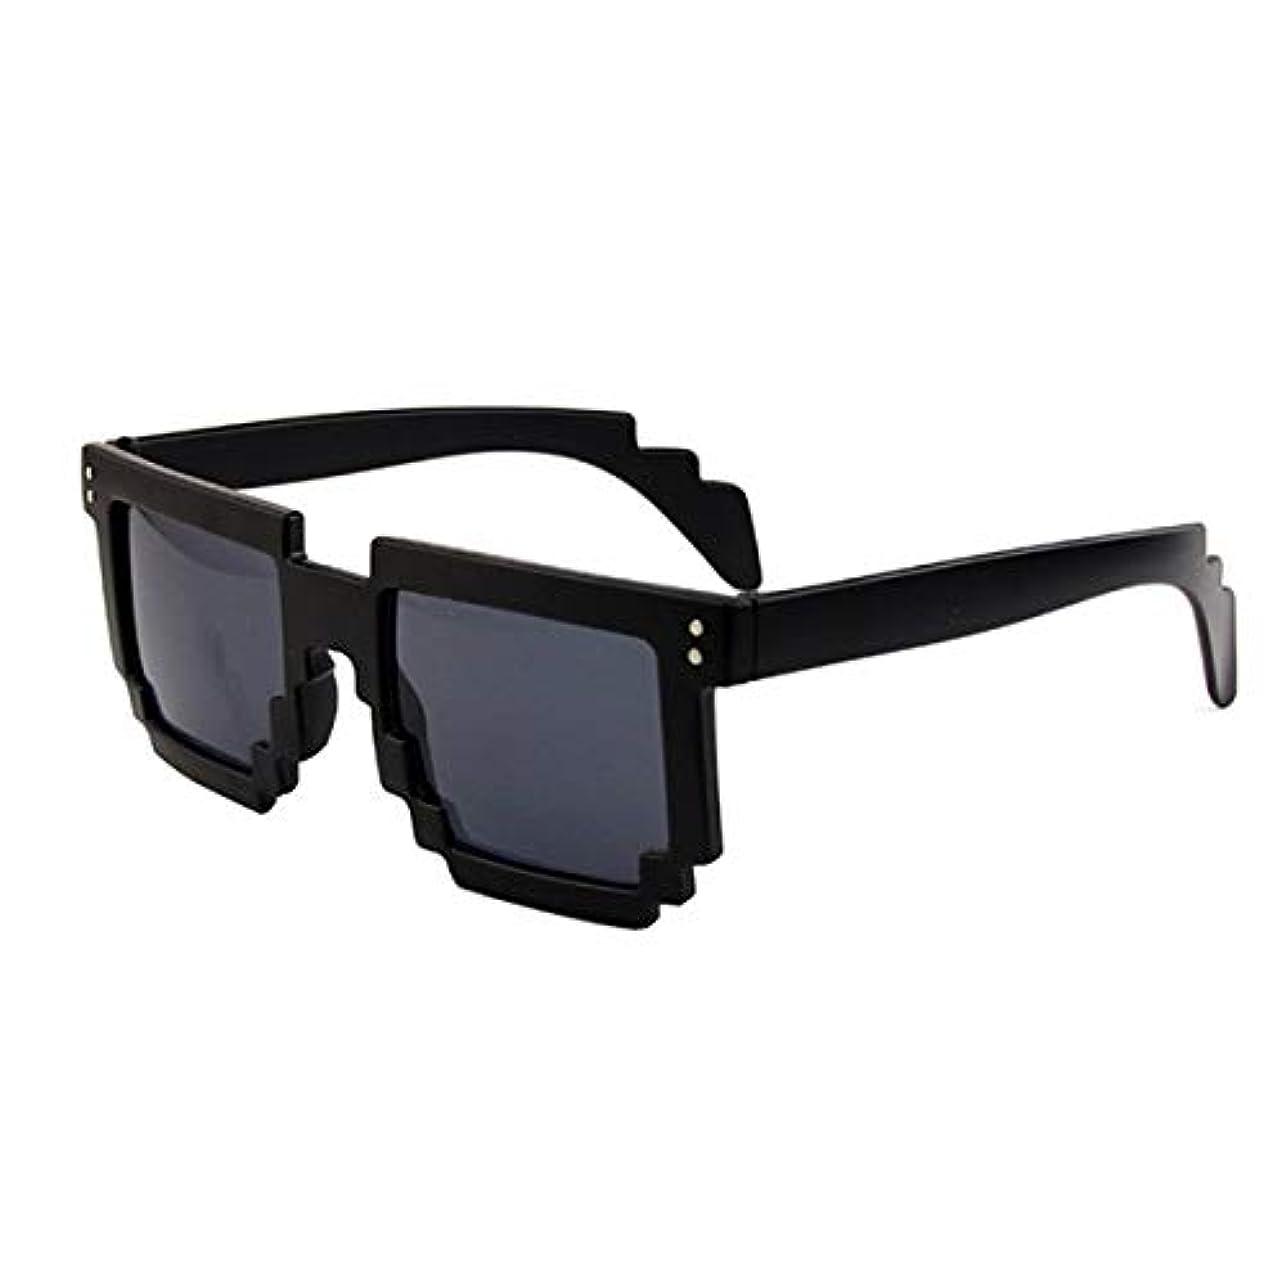 帝国主義雷雨キネマティクスDiffomatealliance Glasses アウトドア&スポーツモザイクスタイルUV400 UVカットサングラス(ヒョウ柄)